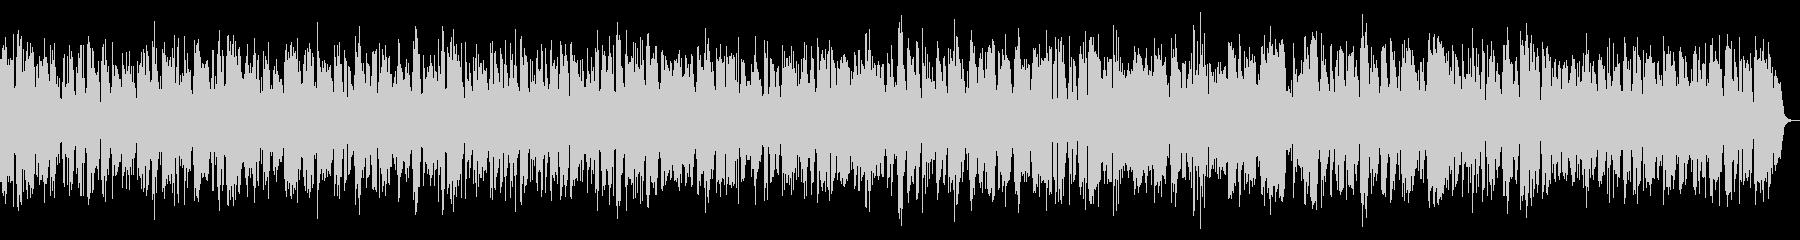 コミカルで明るいクラリネットジャズ8分の未再生の波形